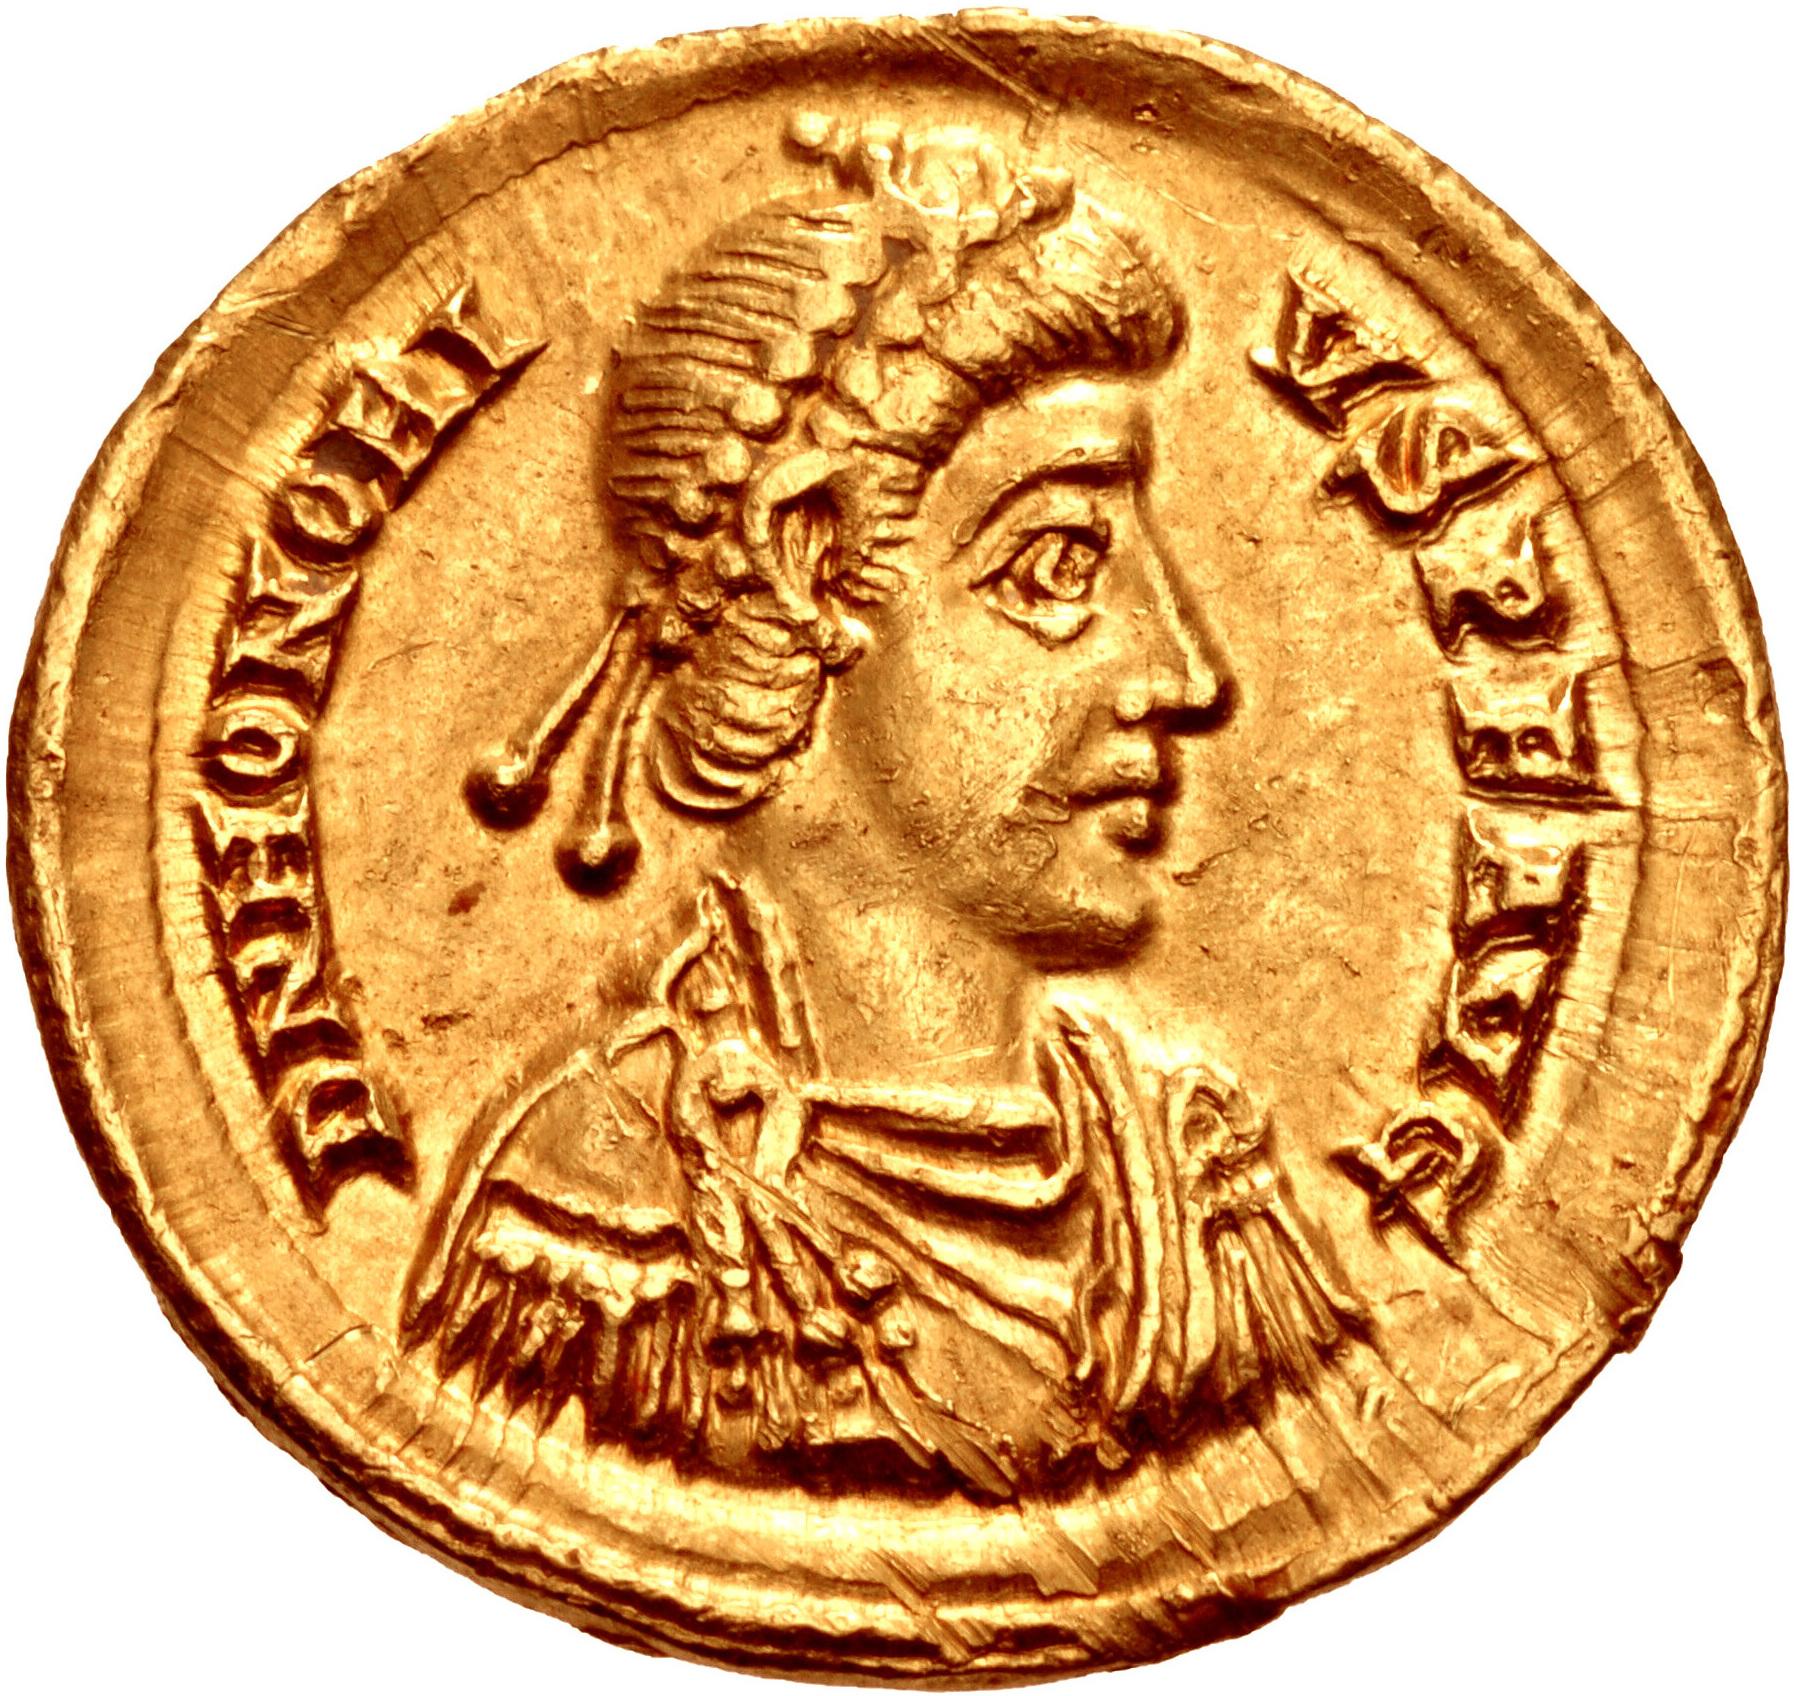 File:Honorius Golden Coin.jpg